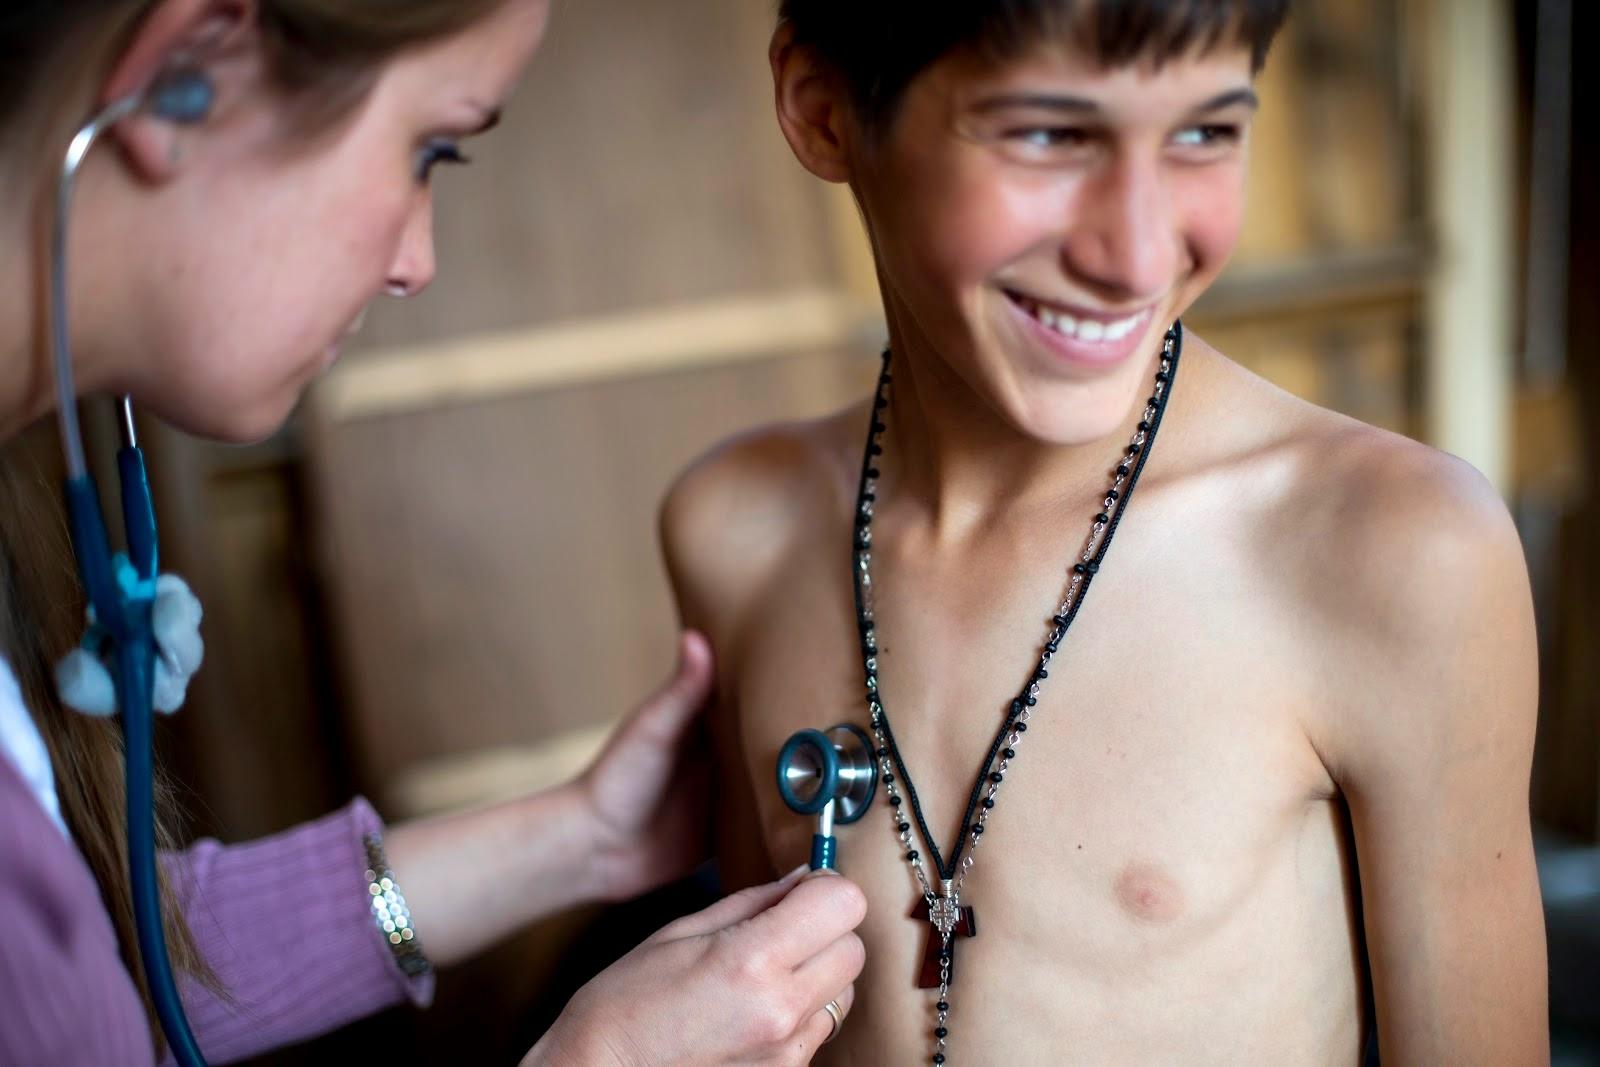 egészség, egészségügy, Erdély, gyerekek, Hargita megye, kórház, Nemzetközi Gyermekmentő Szolgálat, önkéntesség, Románia, Székelyföld